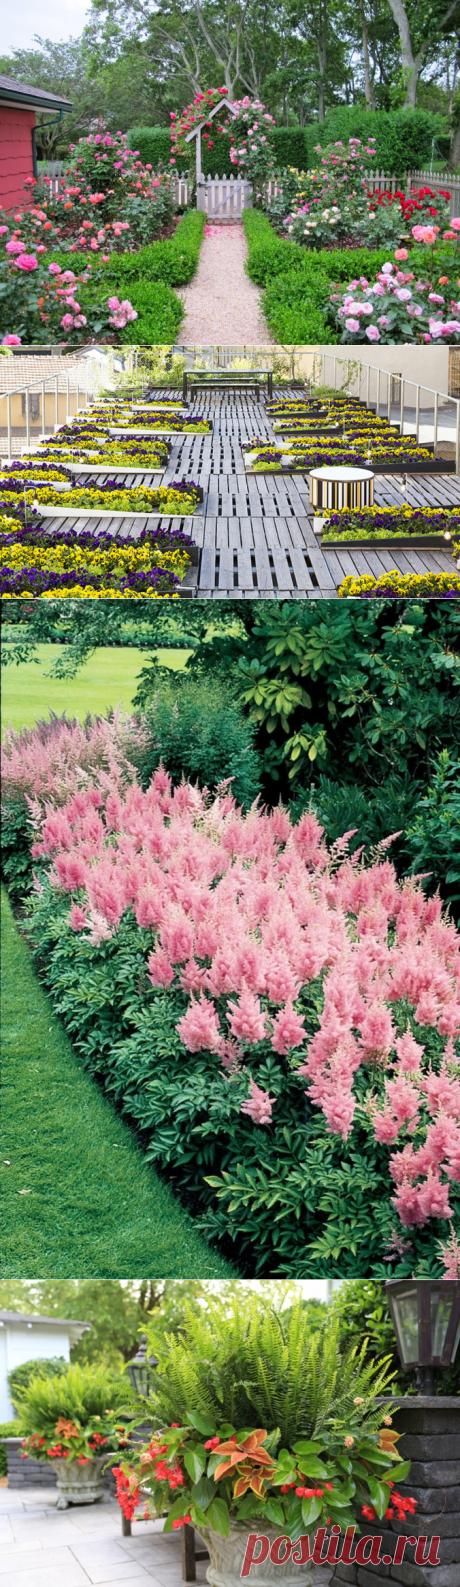 10 идей для сада, о которых вы не догадывались – Roomble.com